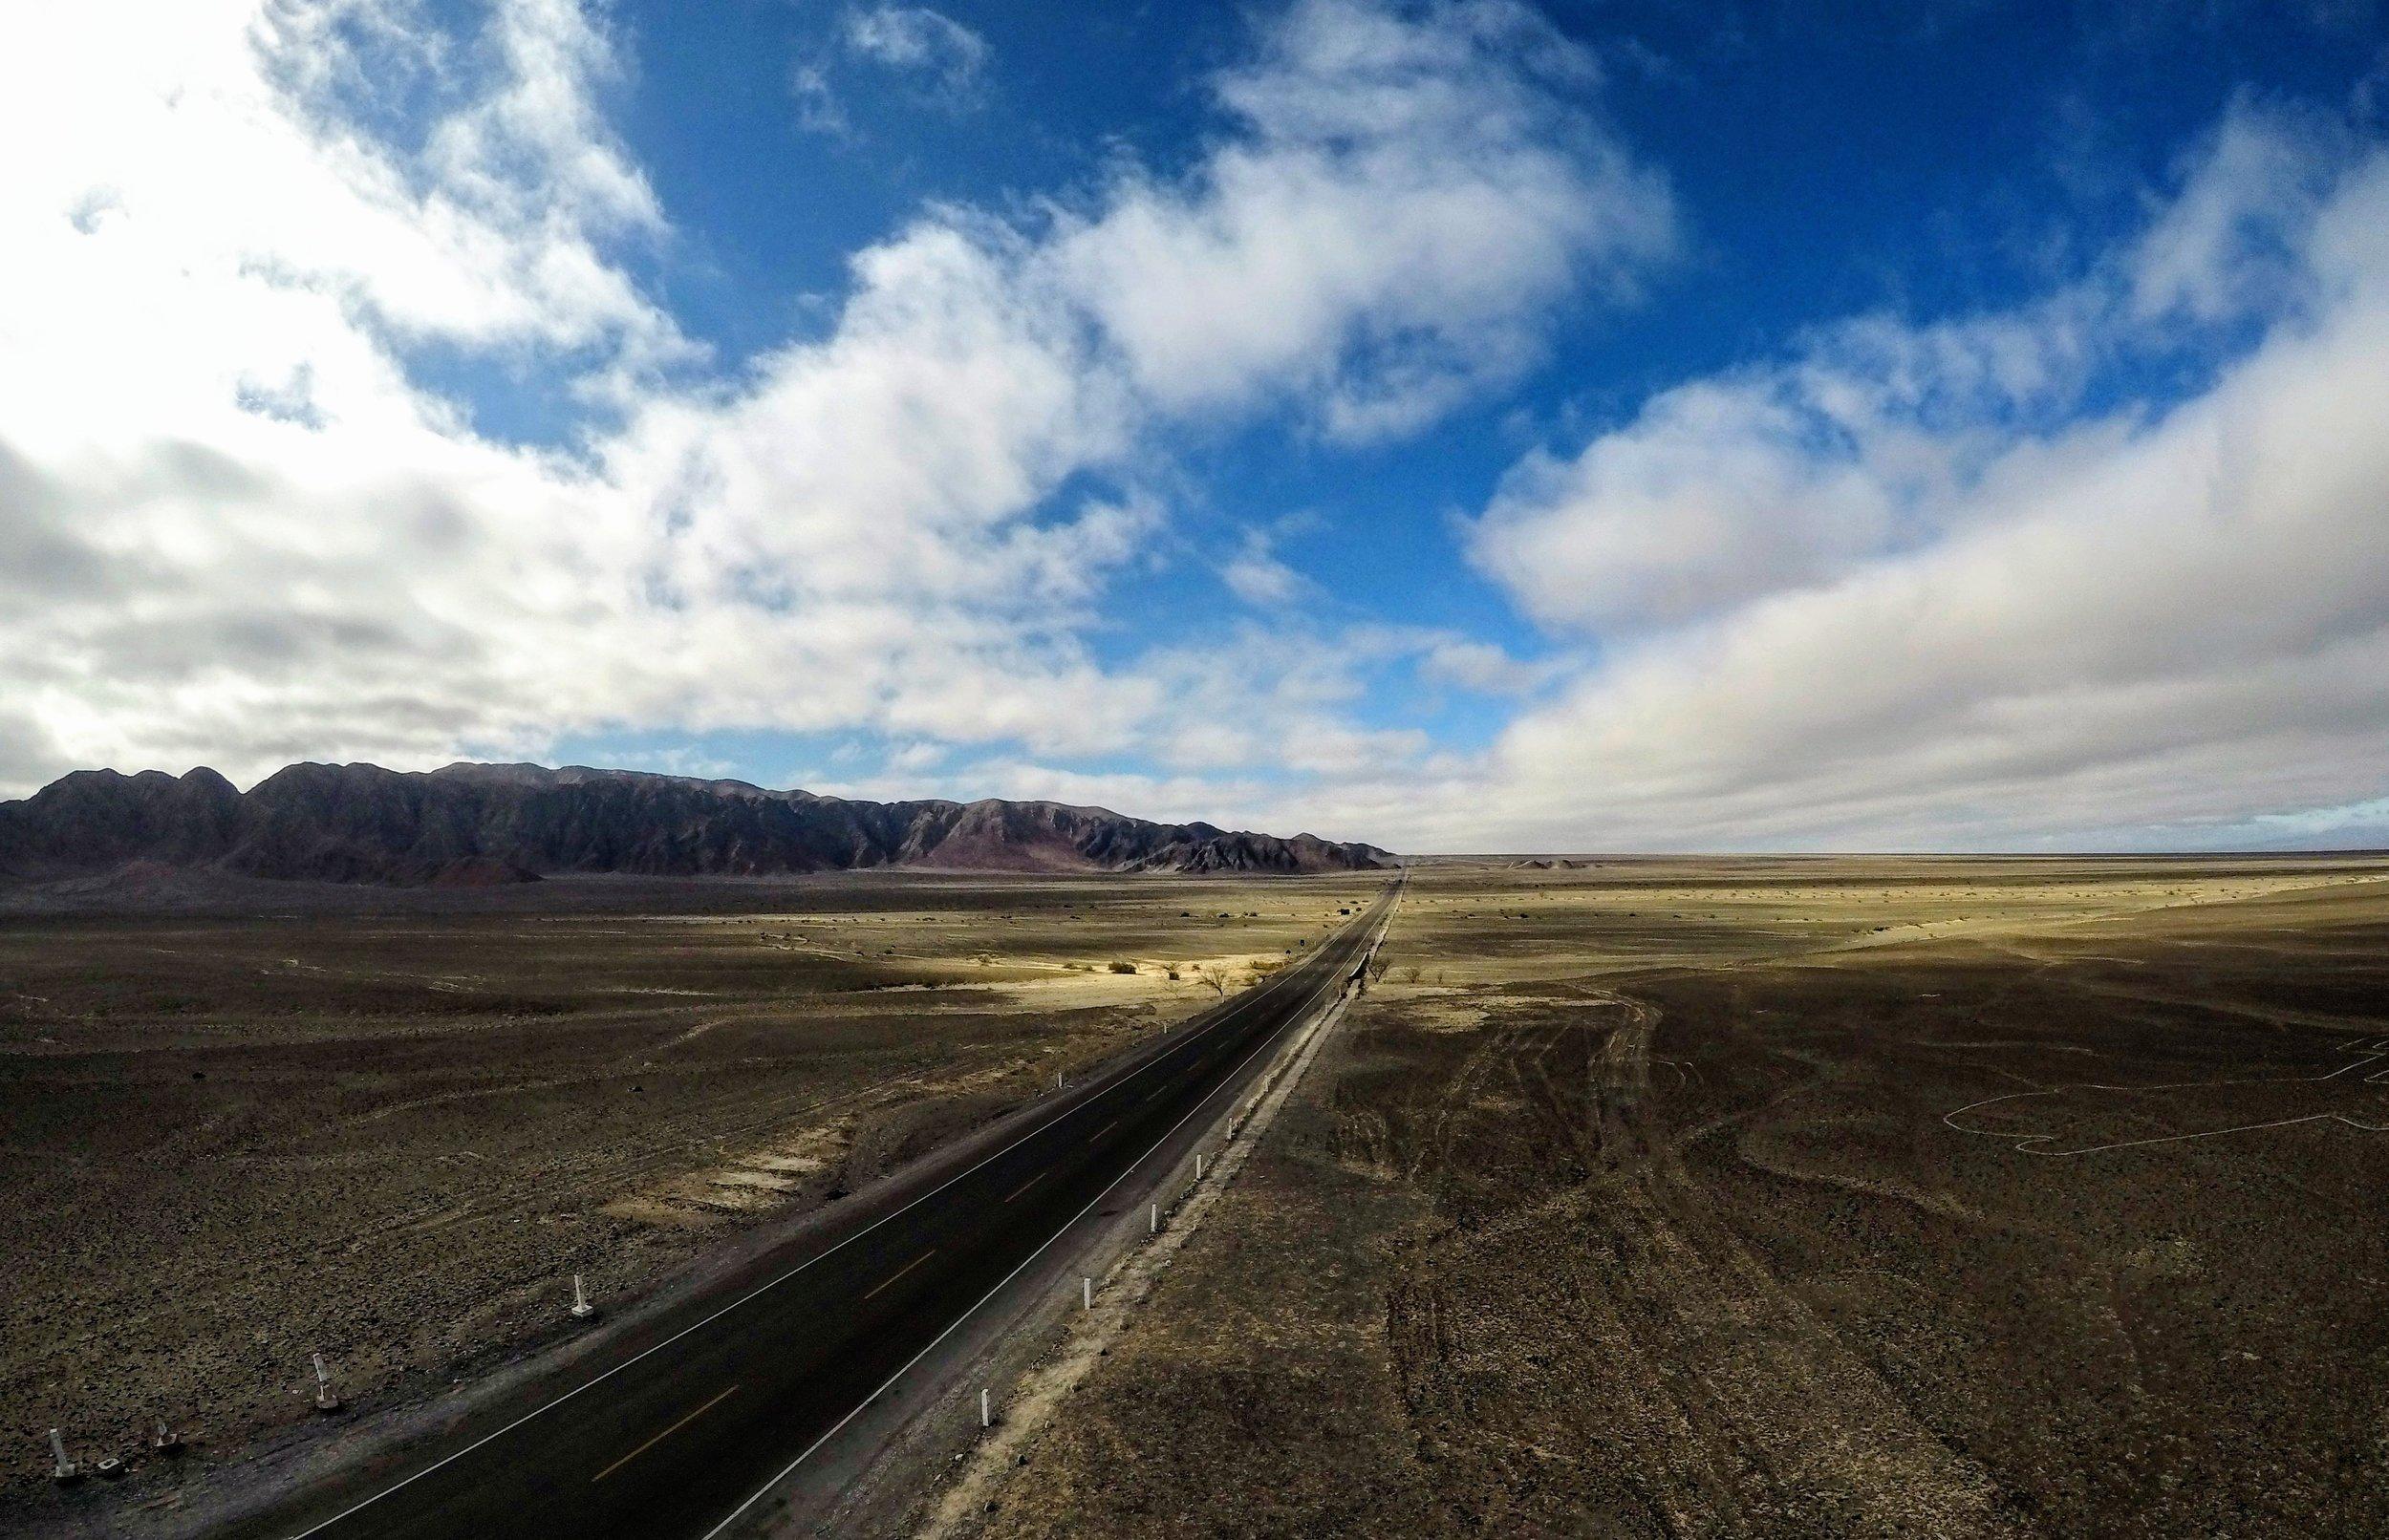 Líneas de Nazca - Uno de los lugares más enigmáticos del Planeta. Es un tour que no debes dejar fuera de tu agenda. Puedes pagar un pequeño vuelo para ver las líneas desde el aire o puedes subir a uno de los miradores desde las montañas.